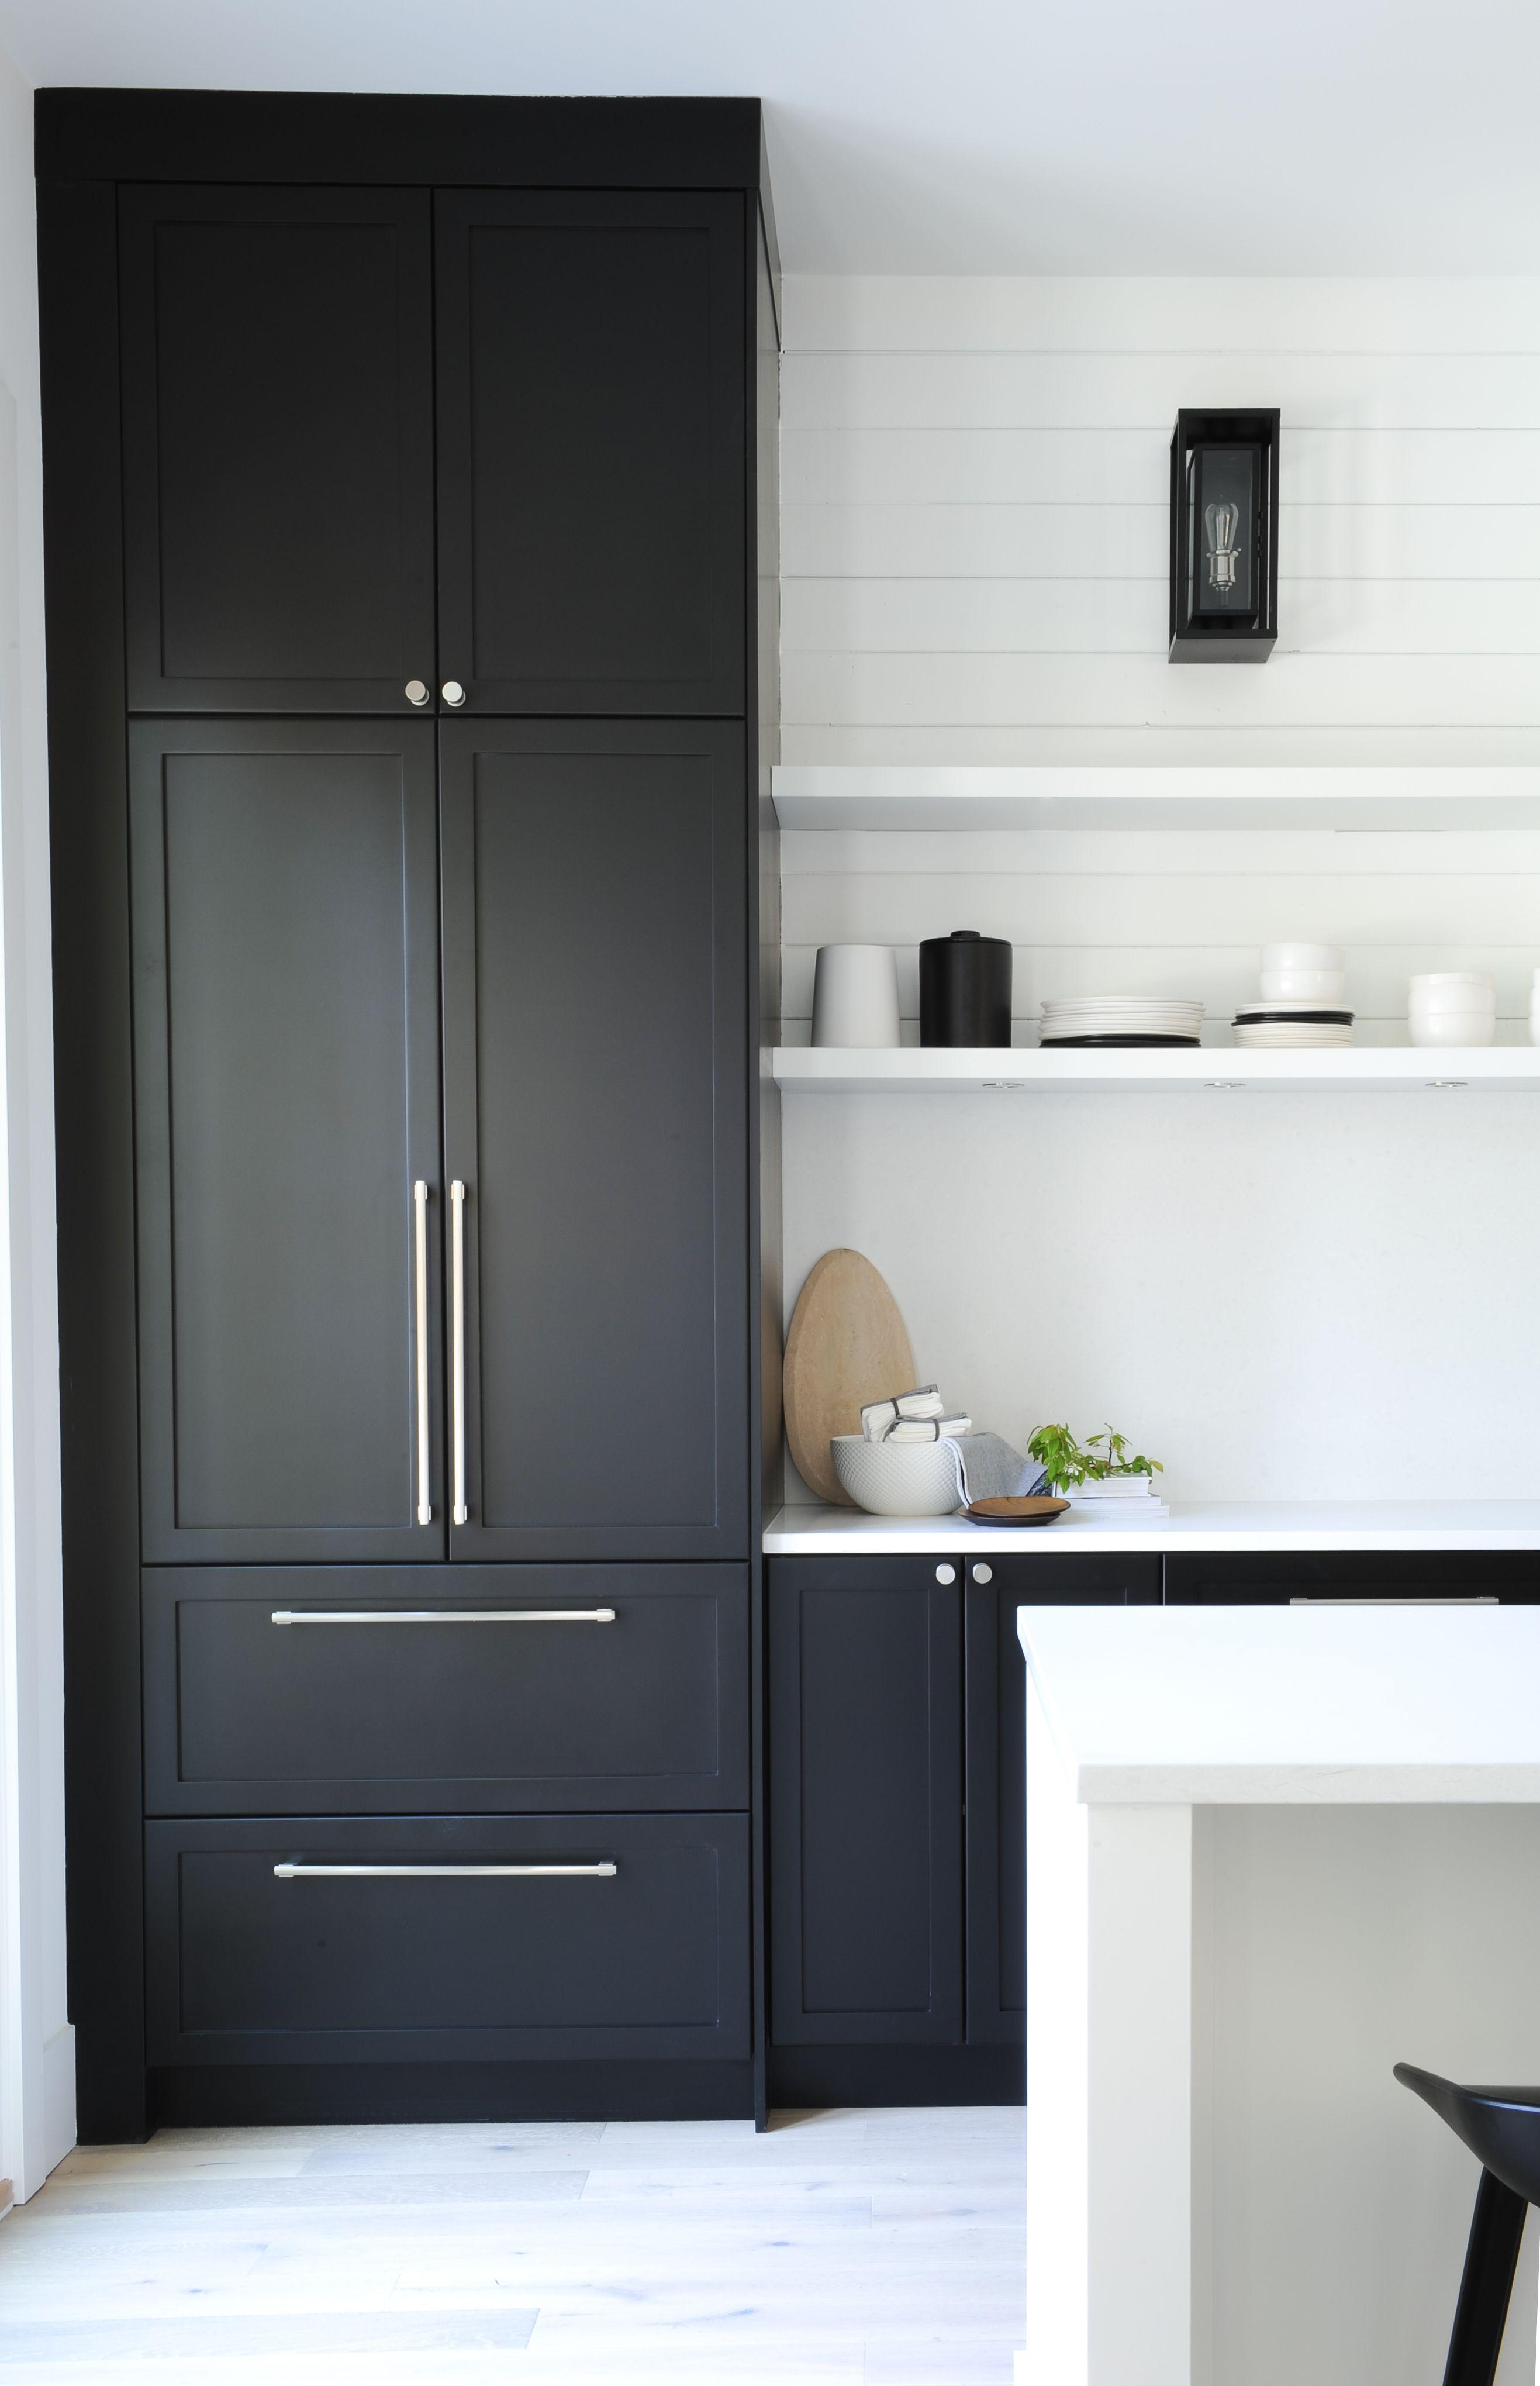 Duncan Drive Costco Kitchen Cabinets Home Kitchens Modern Kitchen Storage